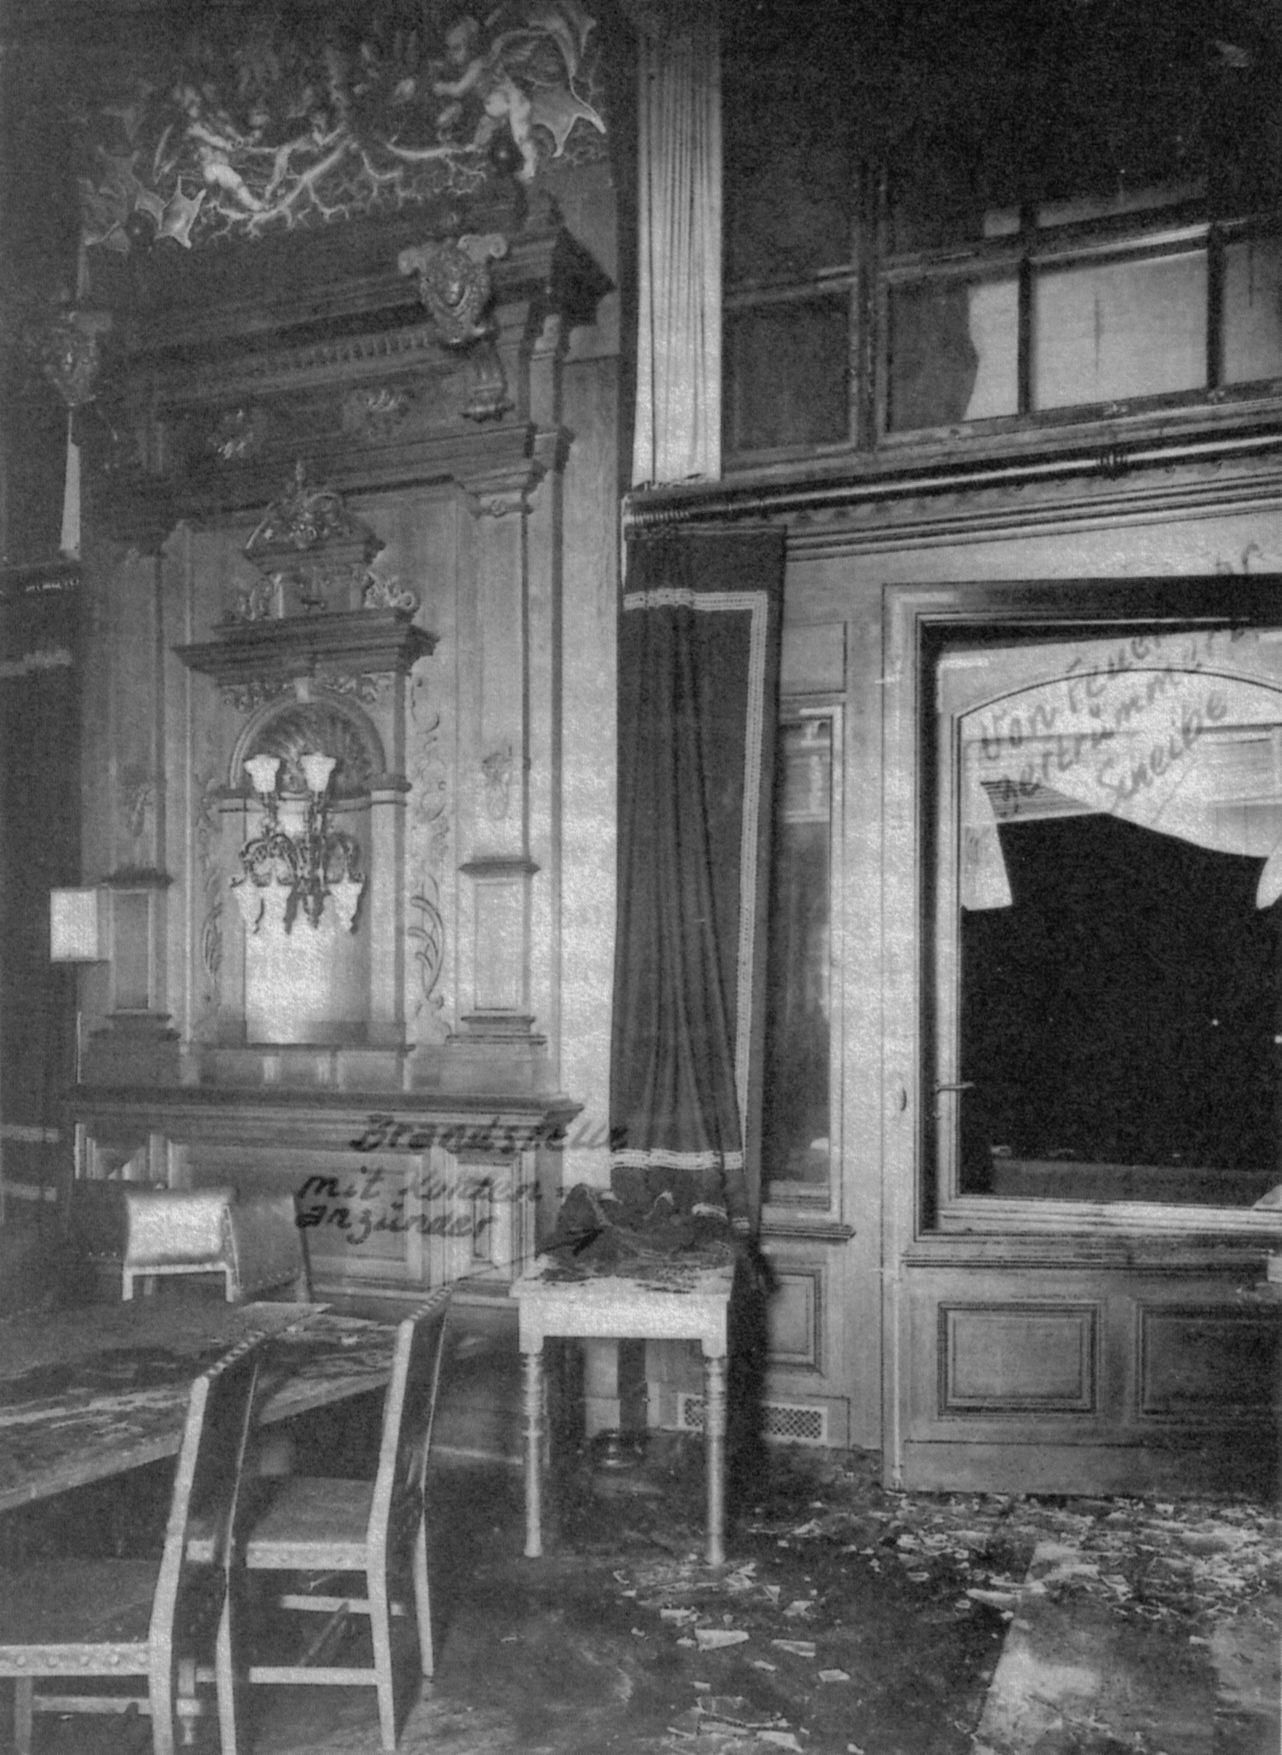 Le 27 février 1933, le Reichstag s'embrase ! - Page 6 Reichstagfire1